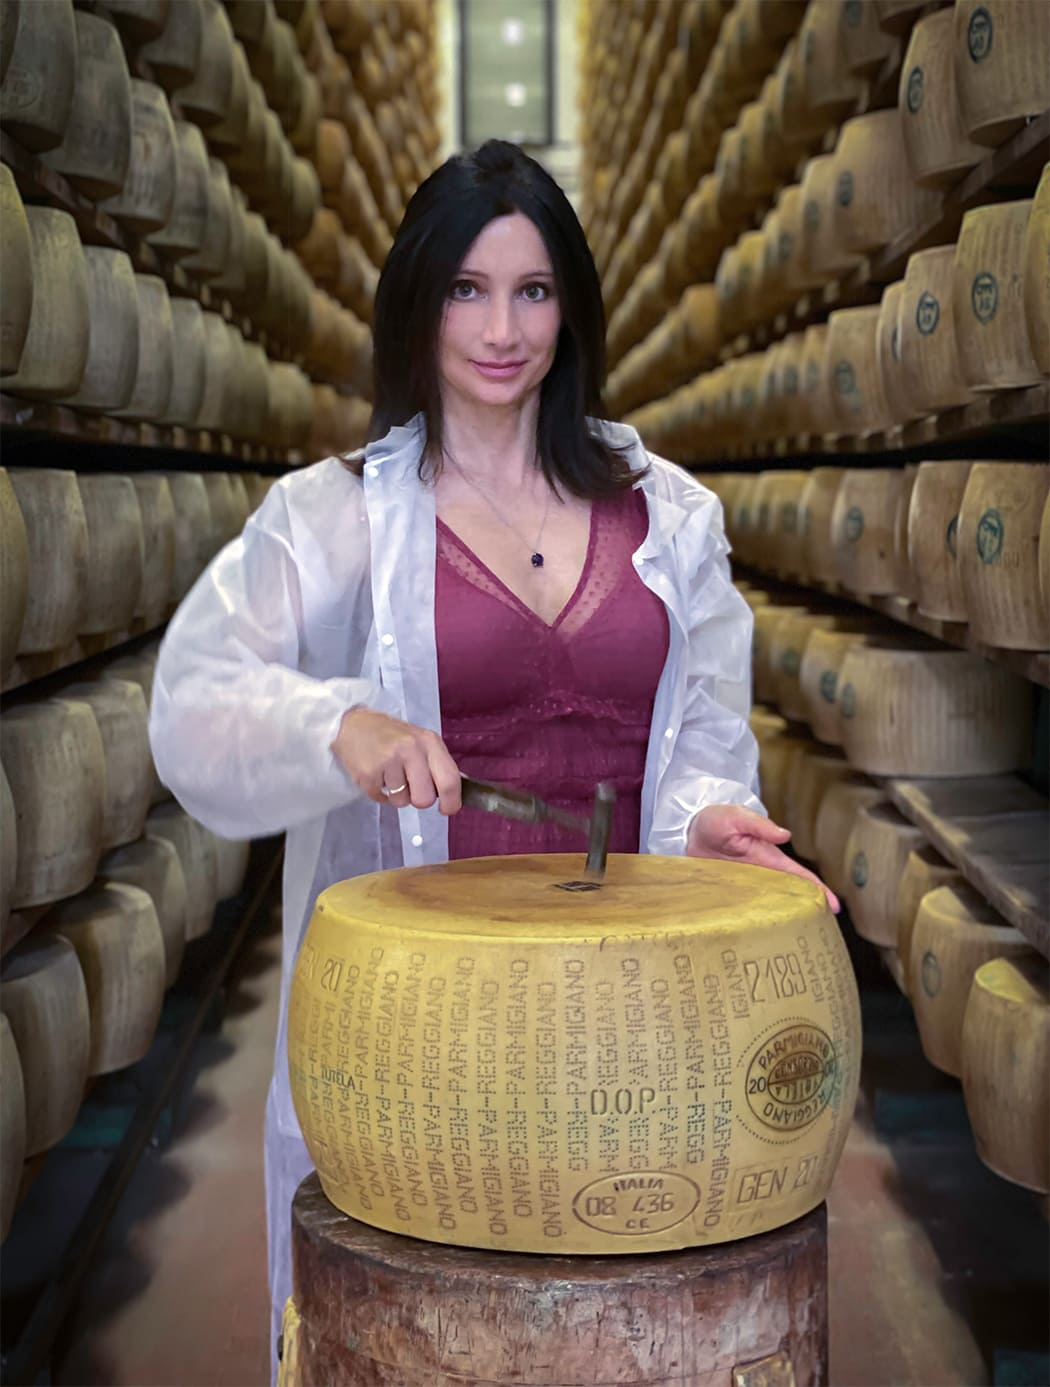 visita e degusta il Parmigiano Reggiano